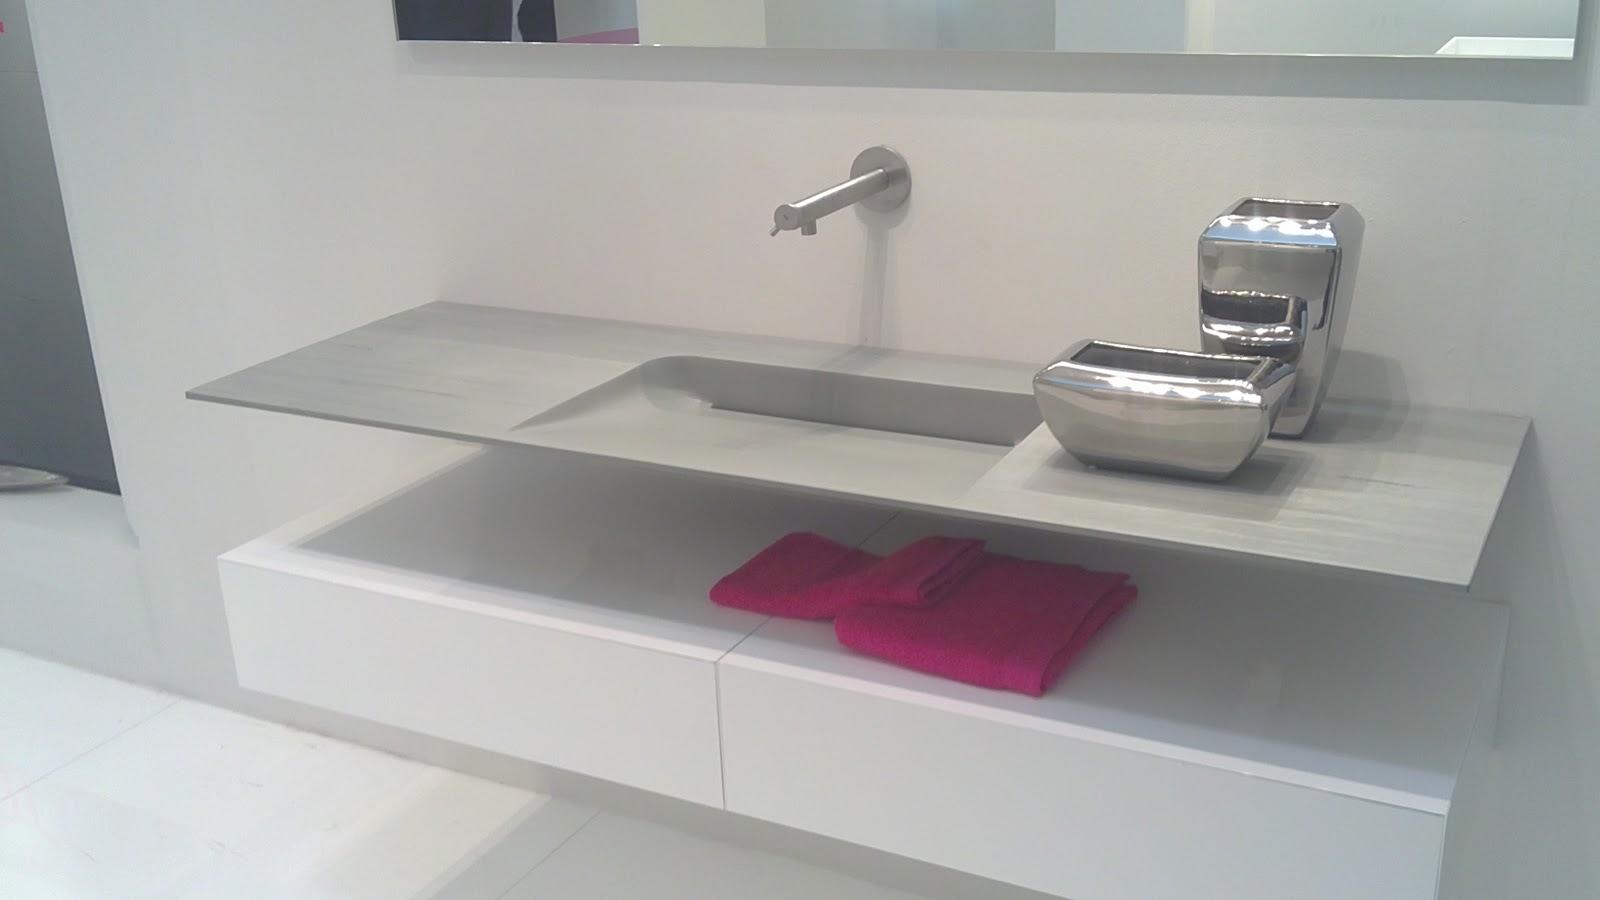 Luxe bath ba os decoraci n y estilo 11 01 2011 12 01 2011 - Encimeras de cemento ...